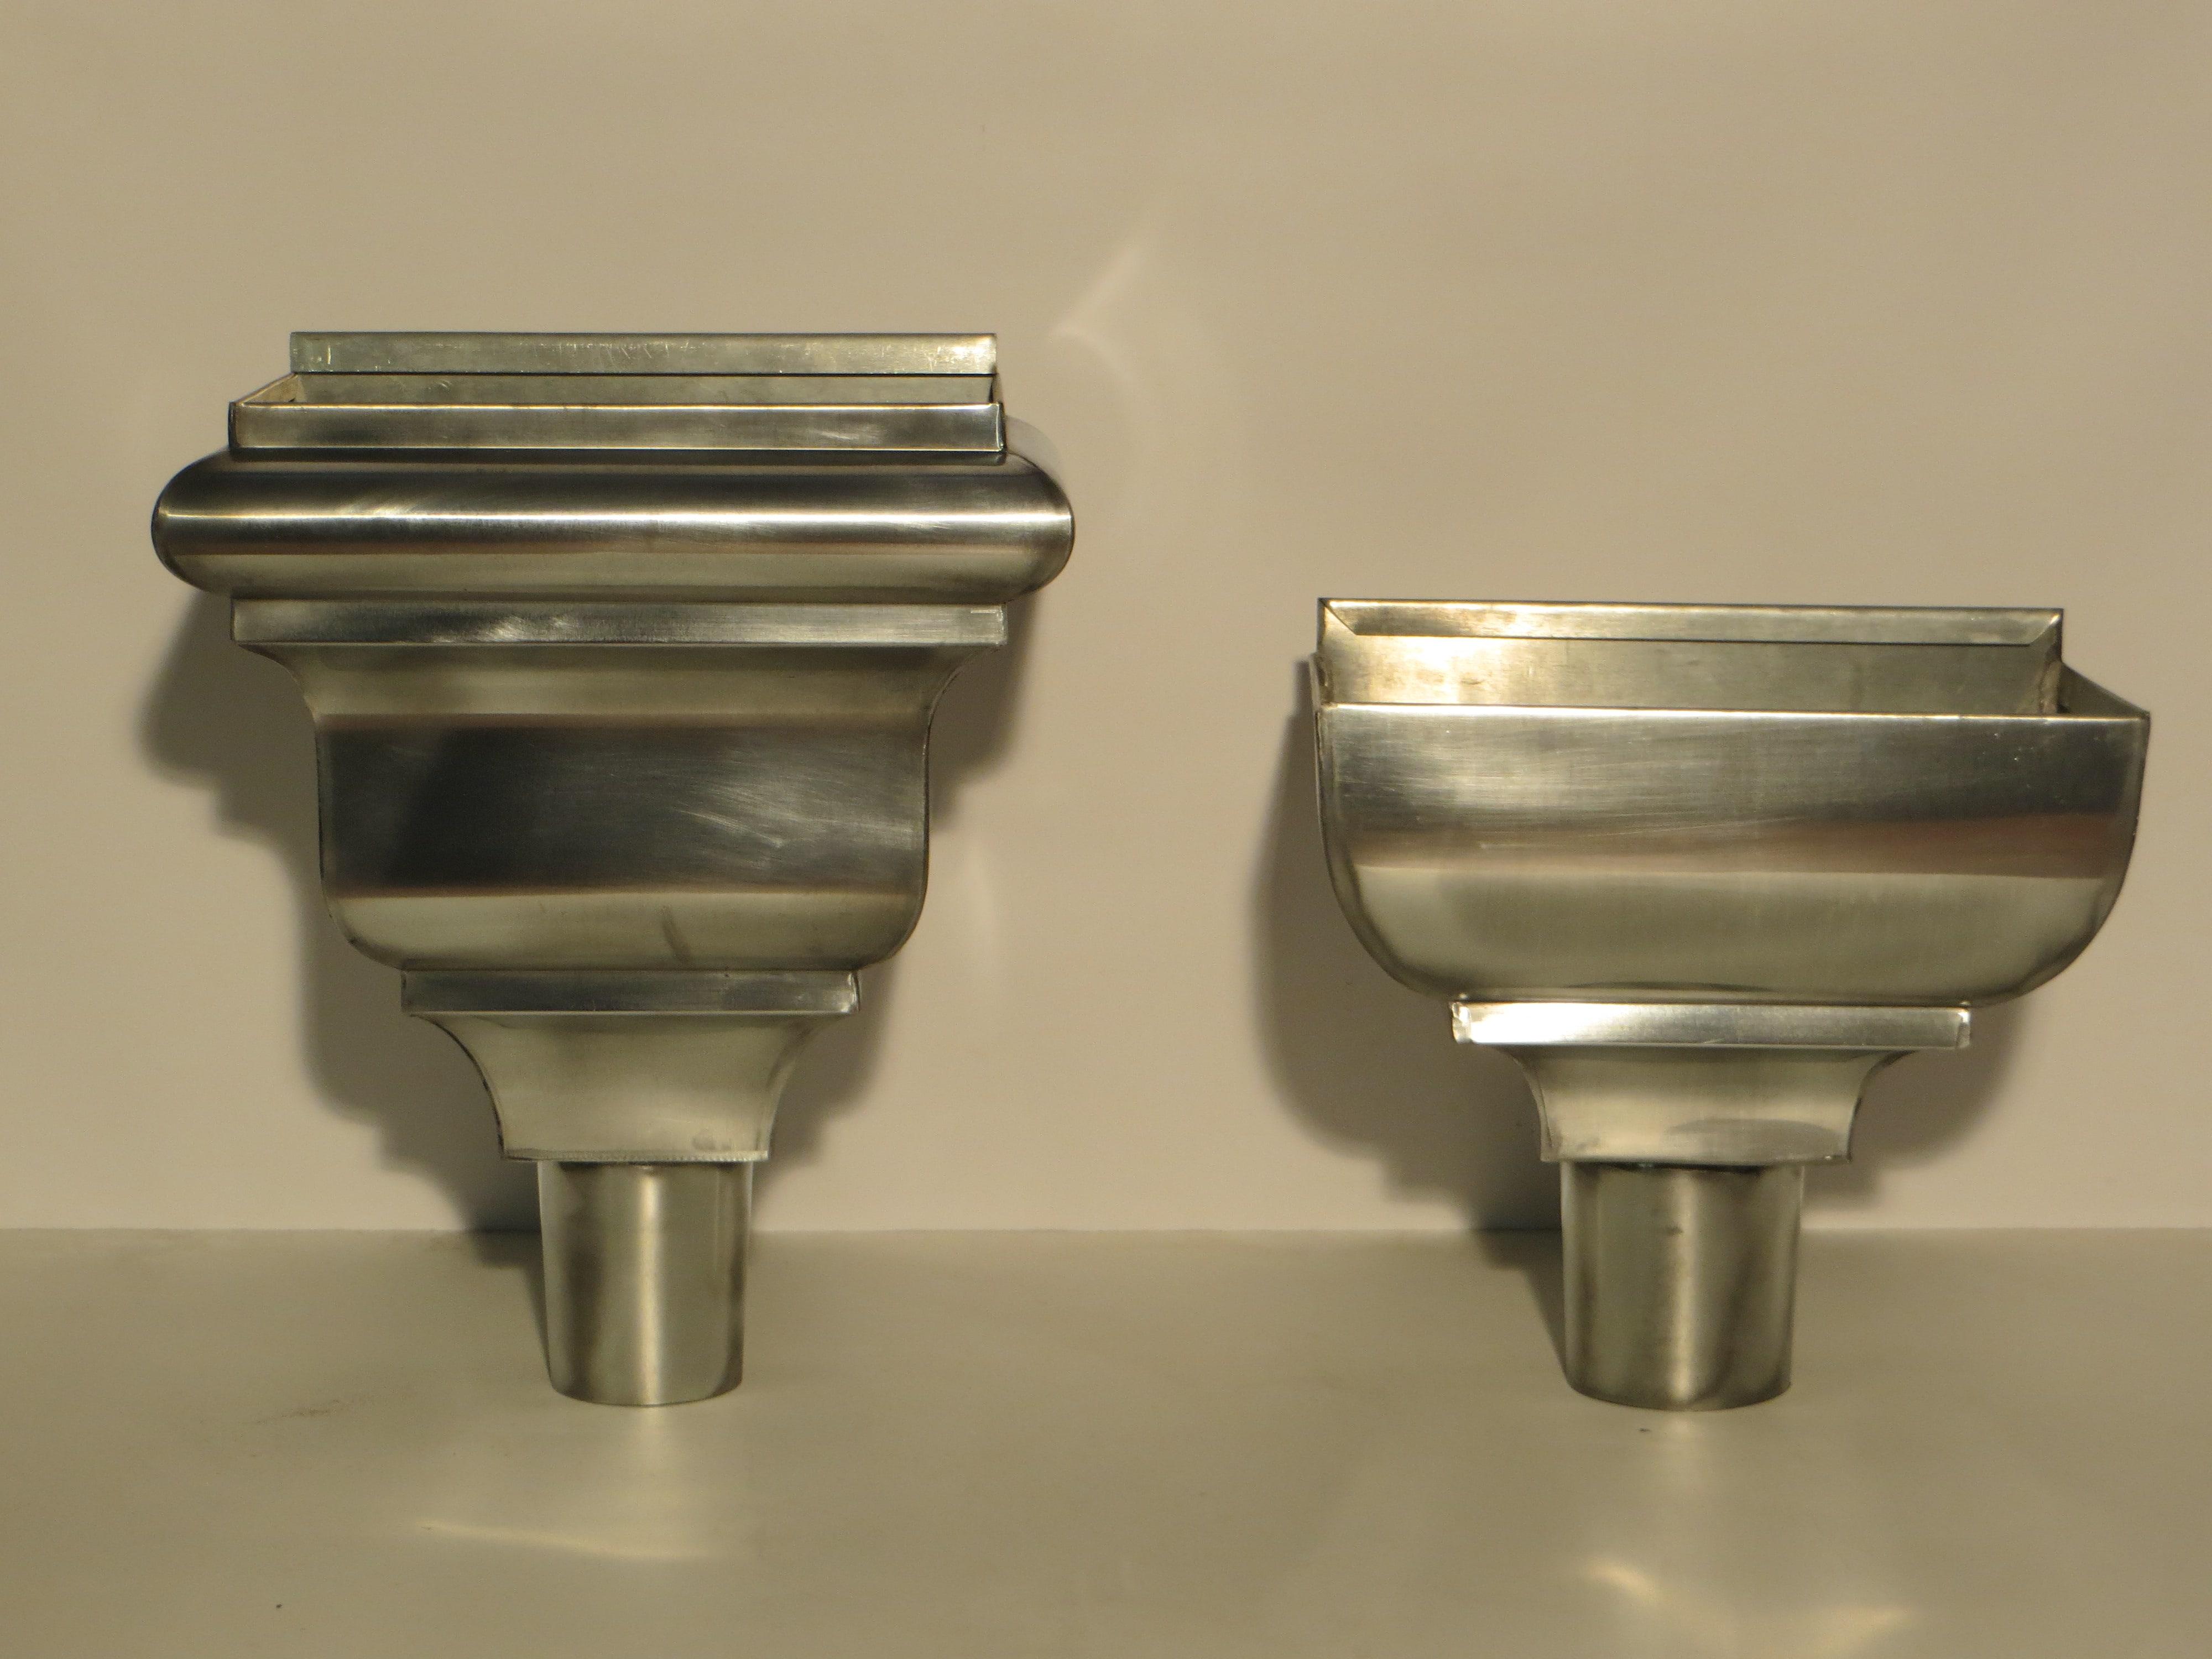 Cuvettes spéciales moulurées en Zinc naturel, toutes les deux de diamètre 100mm.